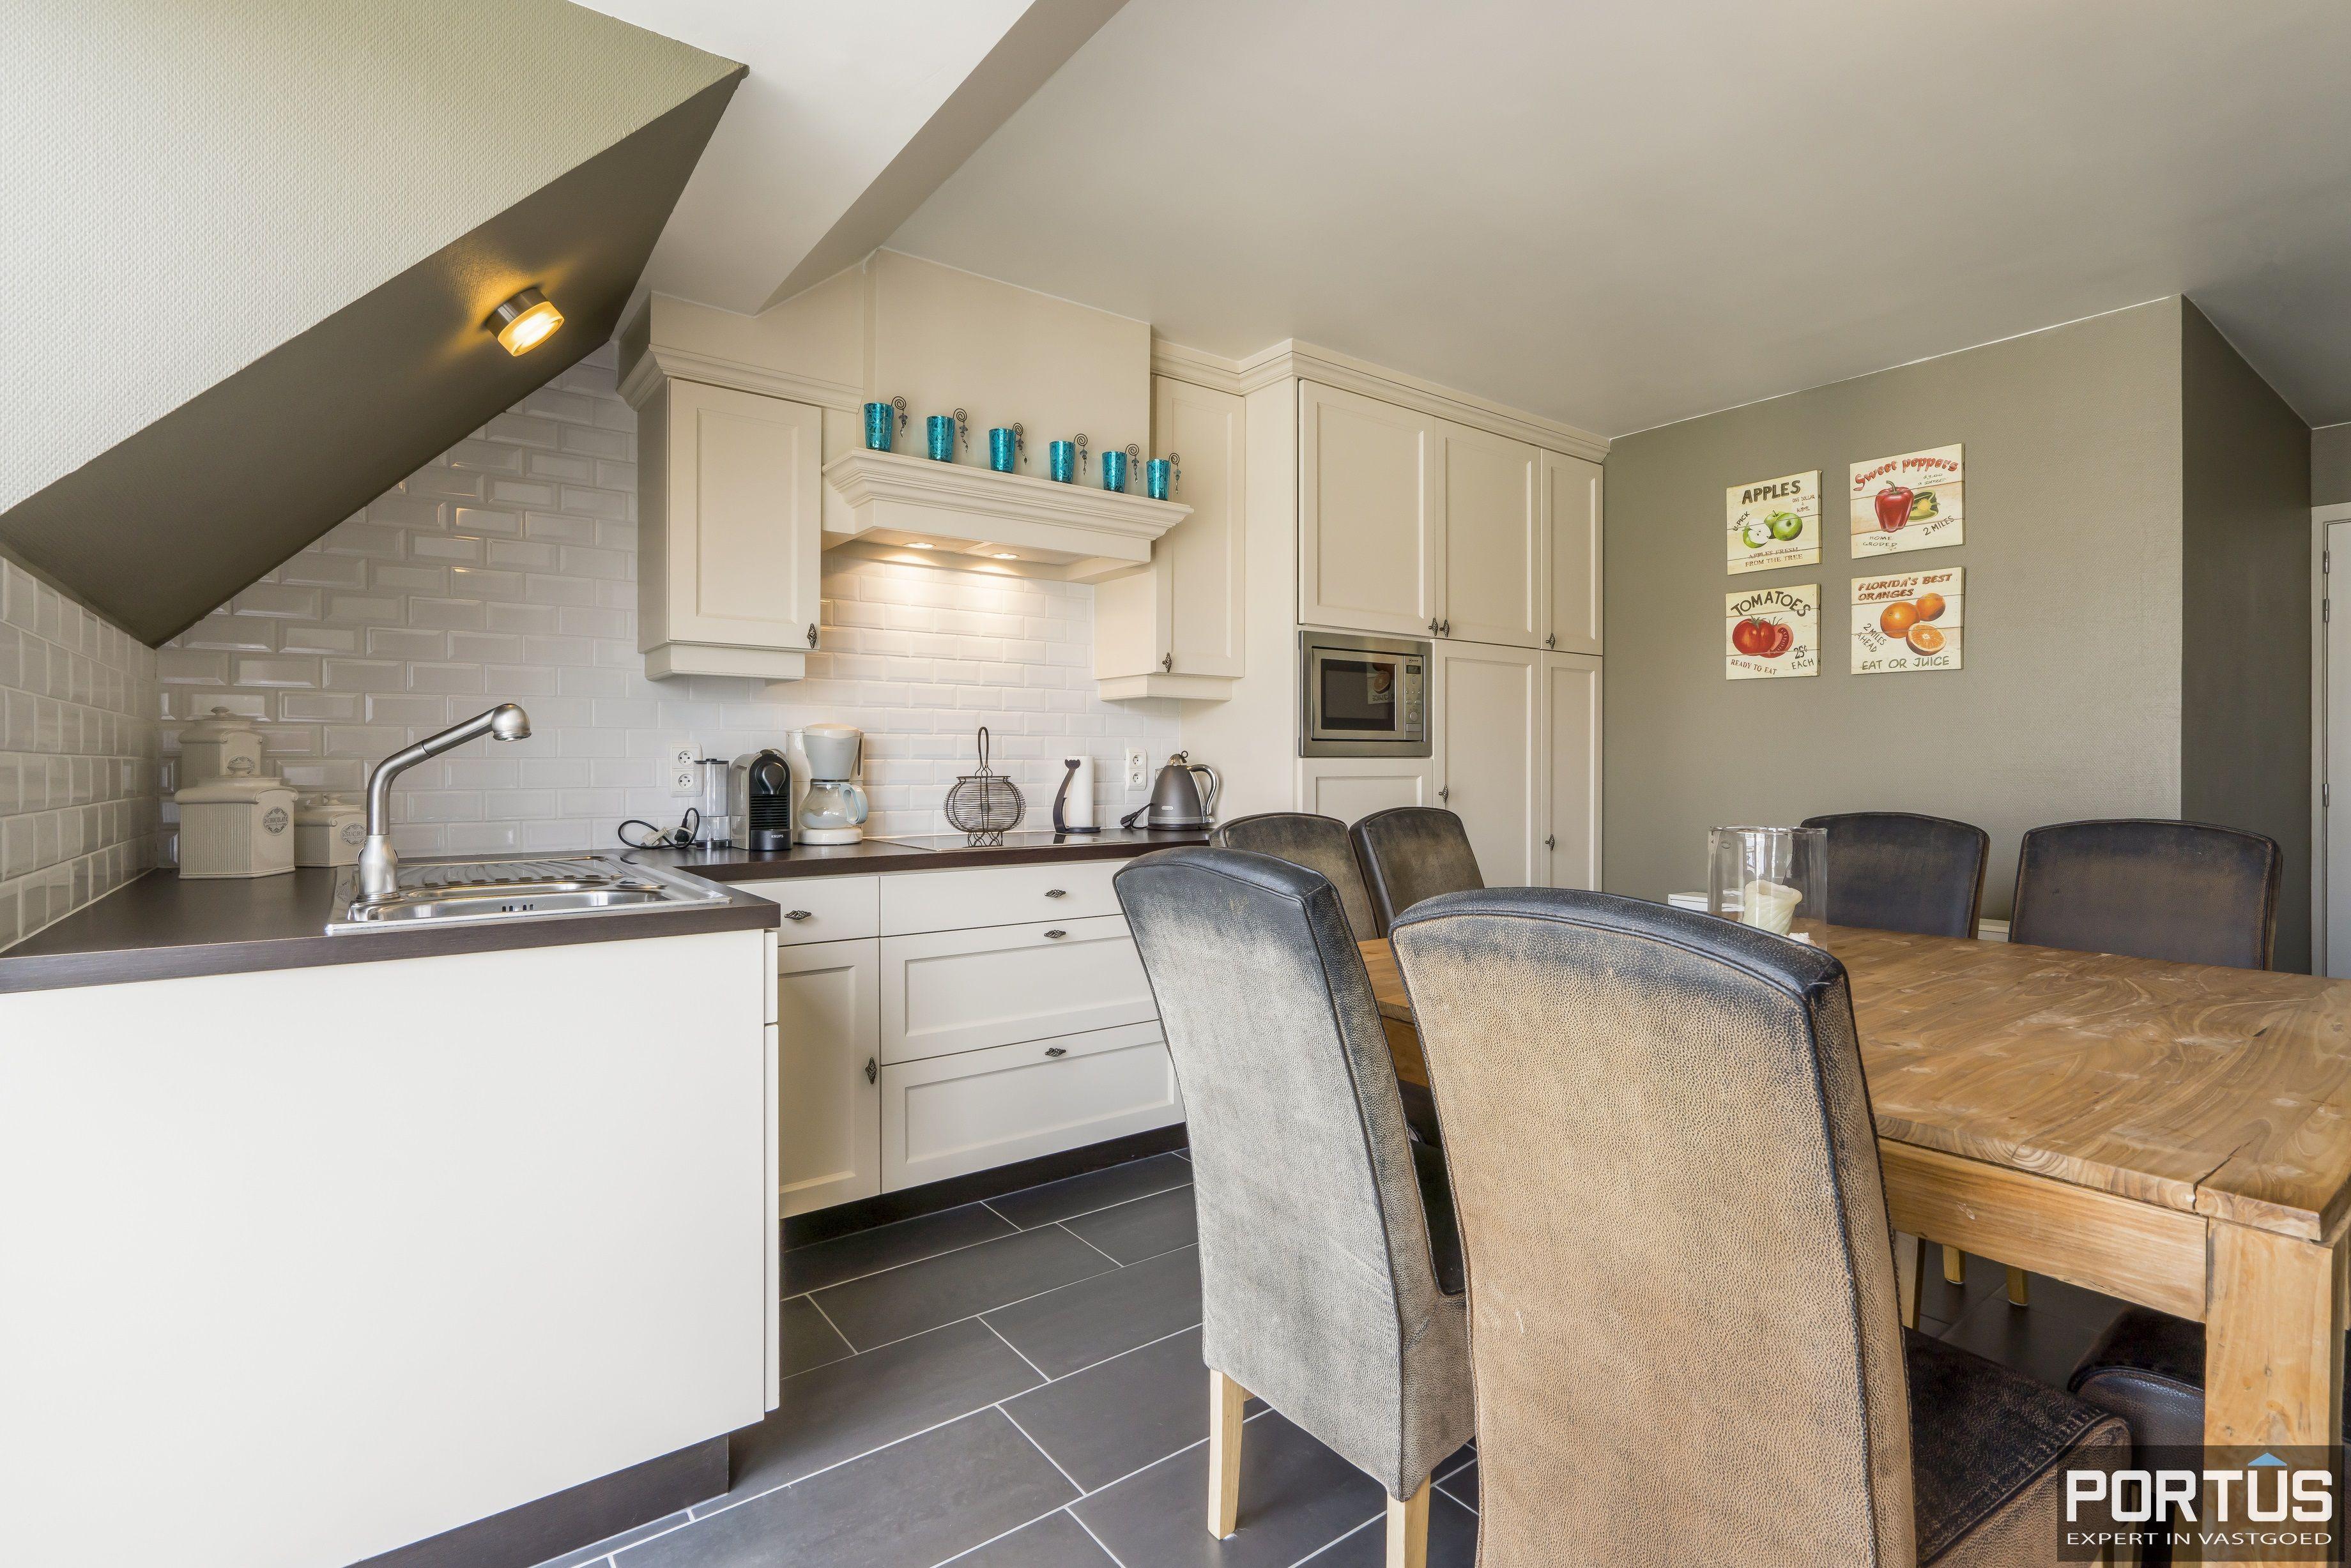 Appartement op wandelafstand van het strand te koop te Nieuwpoort-Bad - 13883